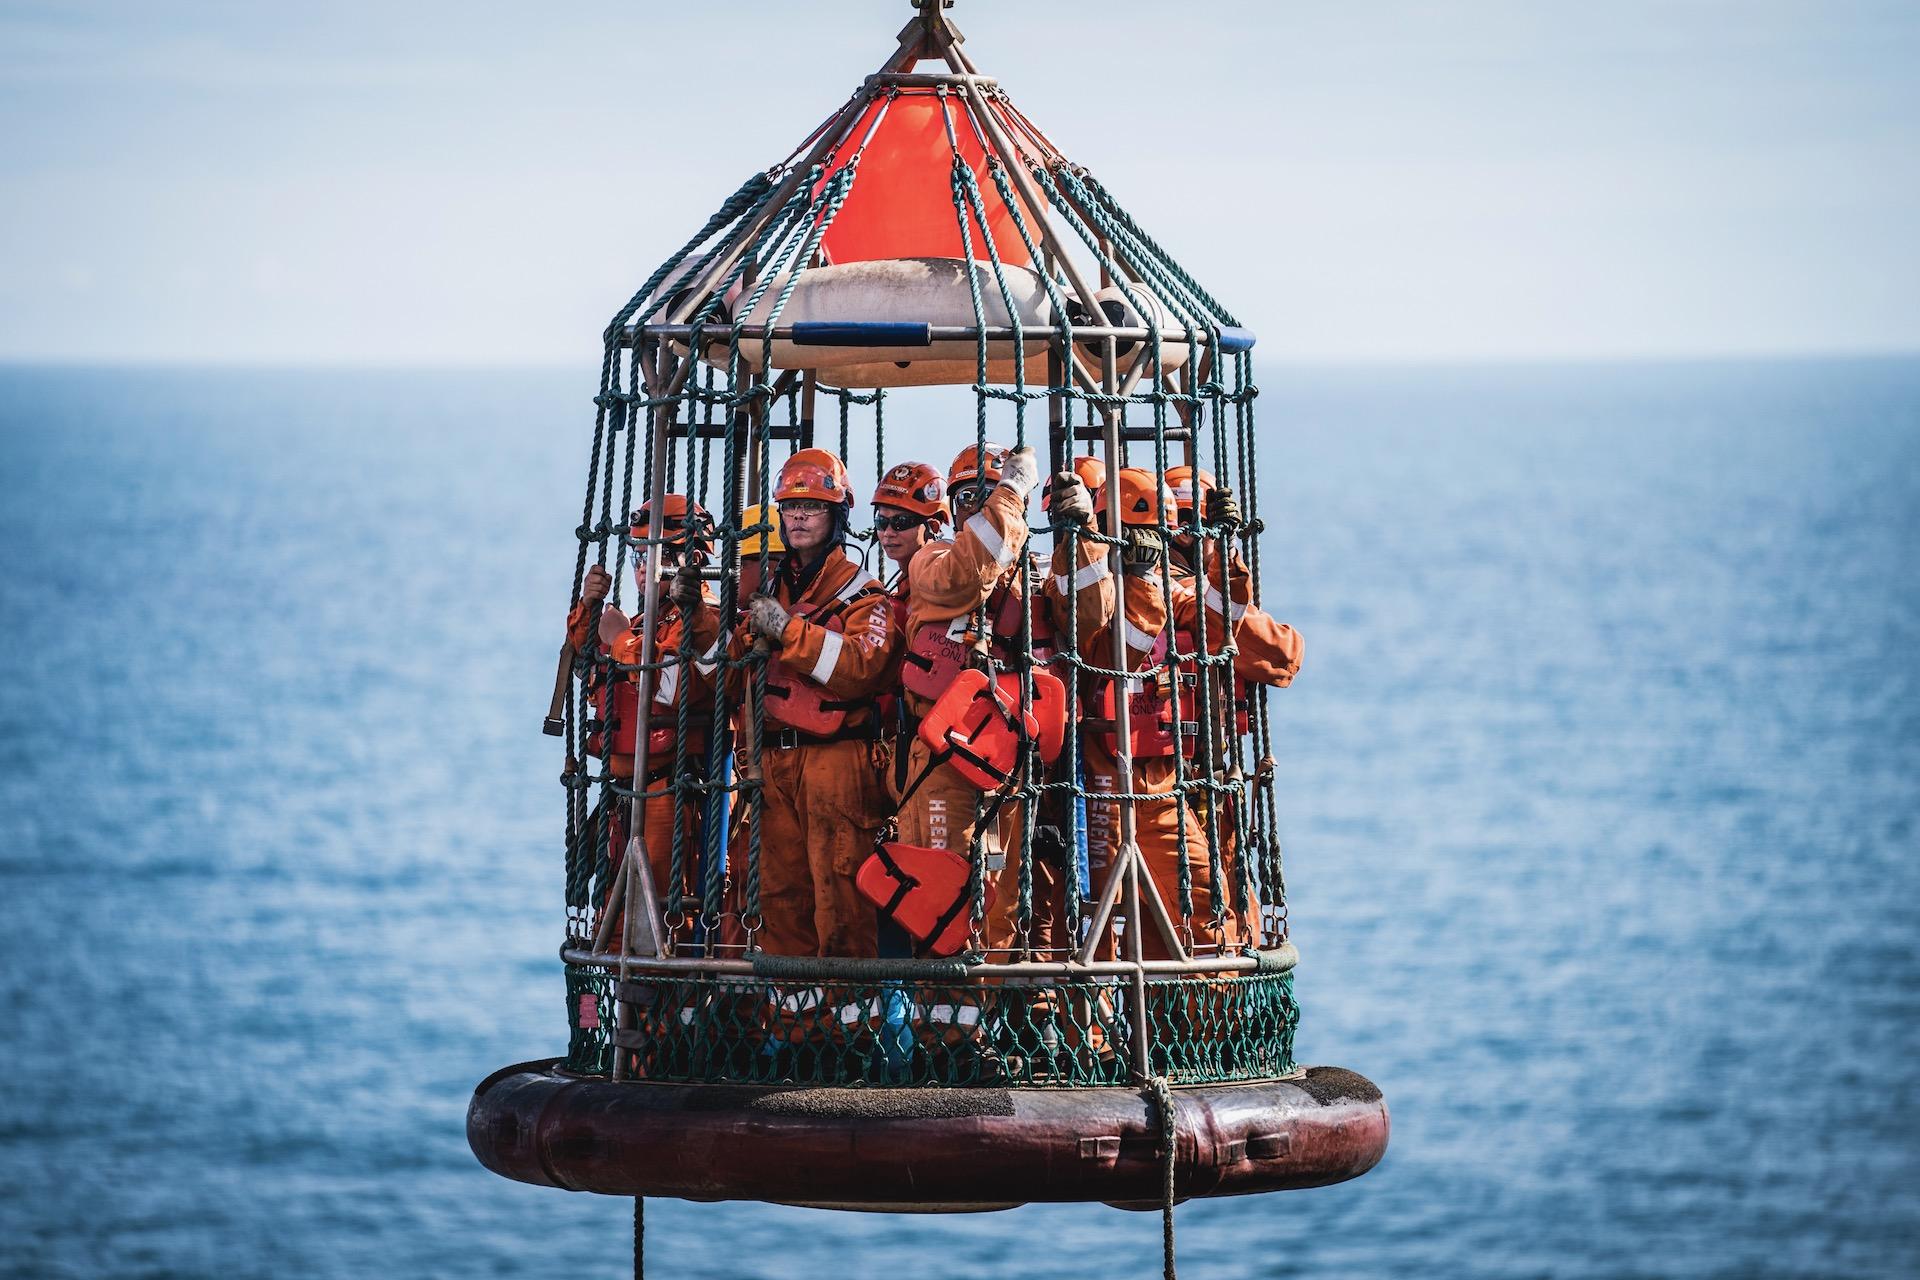 Nederland, Noordzee, 03-08-2019.  Reportage over Kraanschip Thialf. Mannen gaan met de basket van en naar de poton waar het boorplatform nu op staat.  Foto: Siese Veenstra